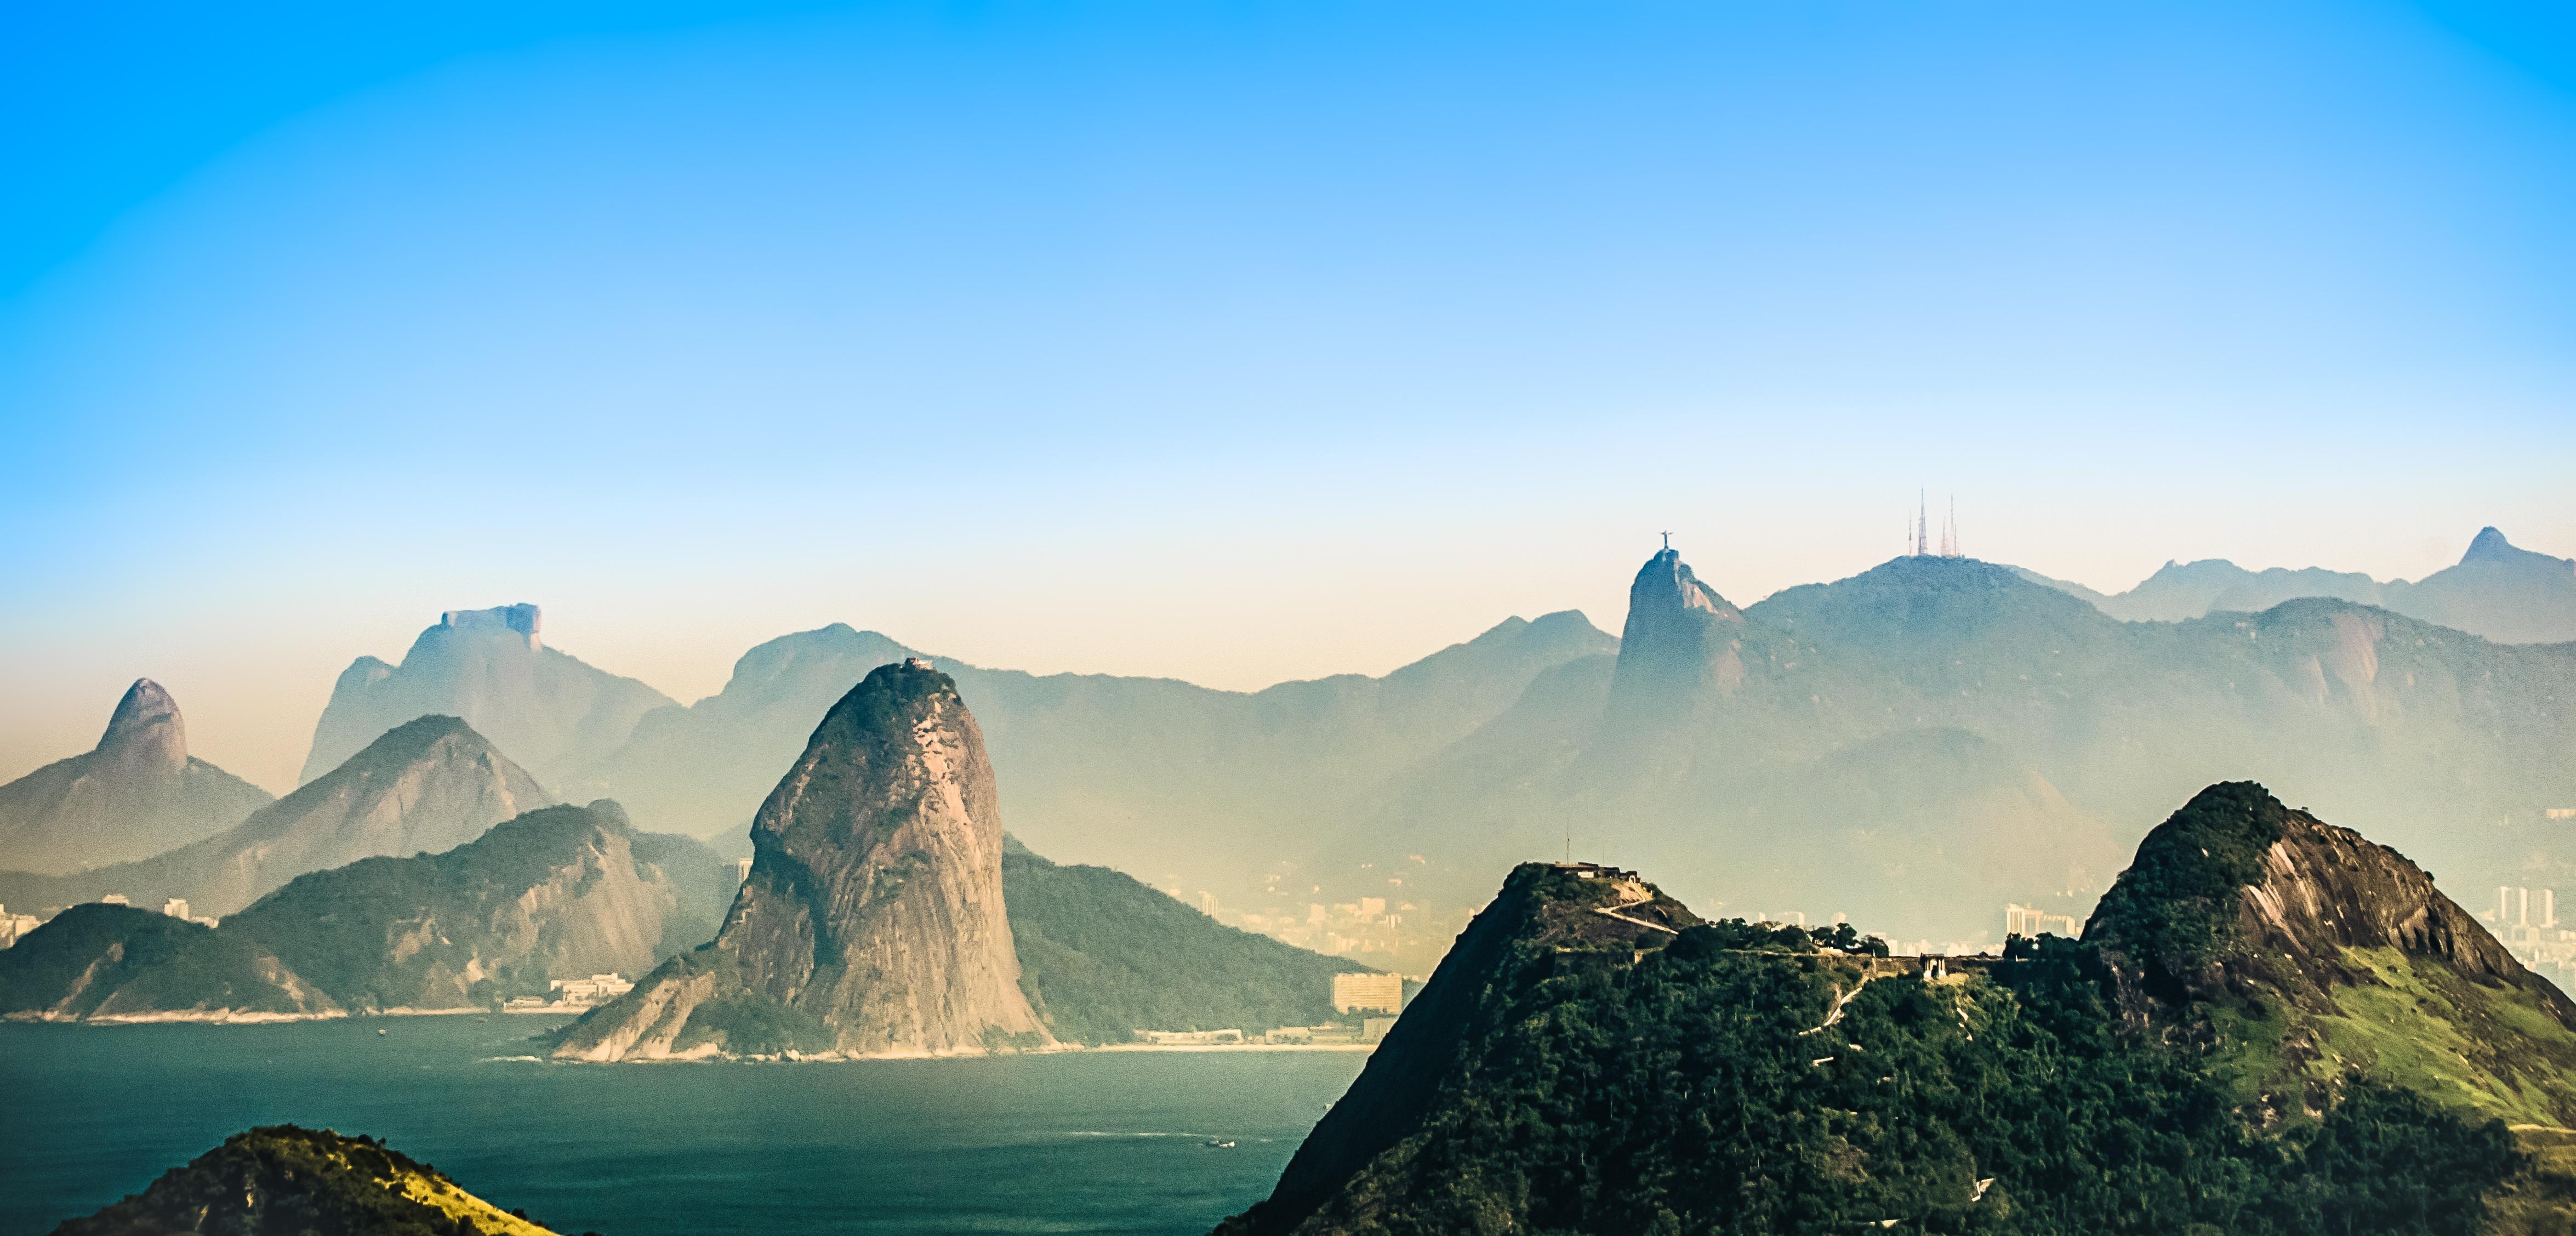 Campos dos Goytacazes - Rio de Janeiro